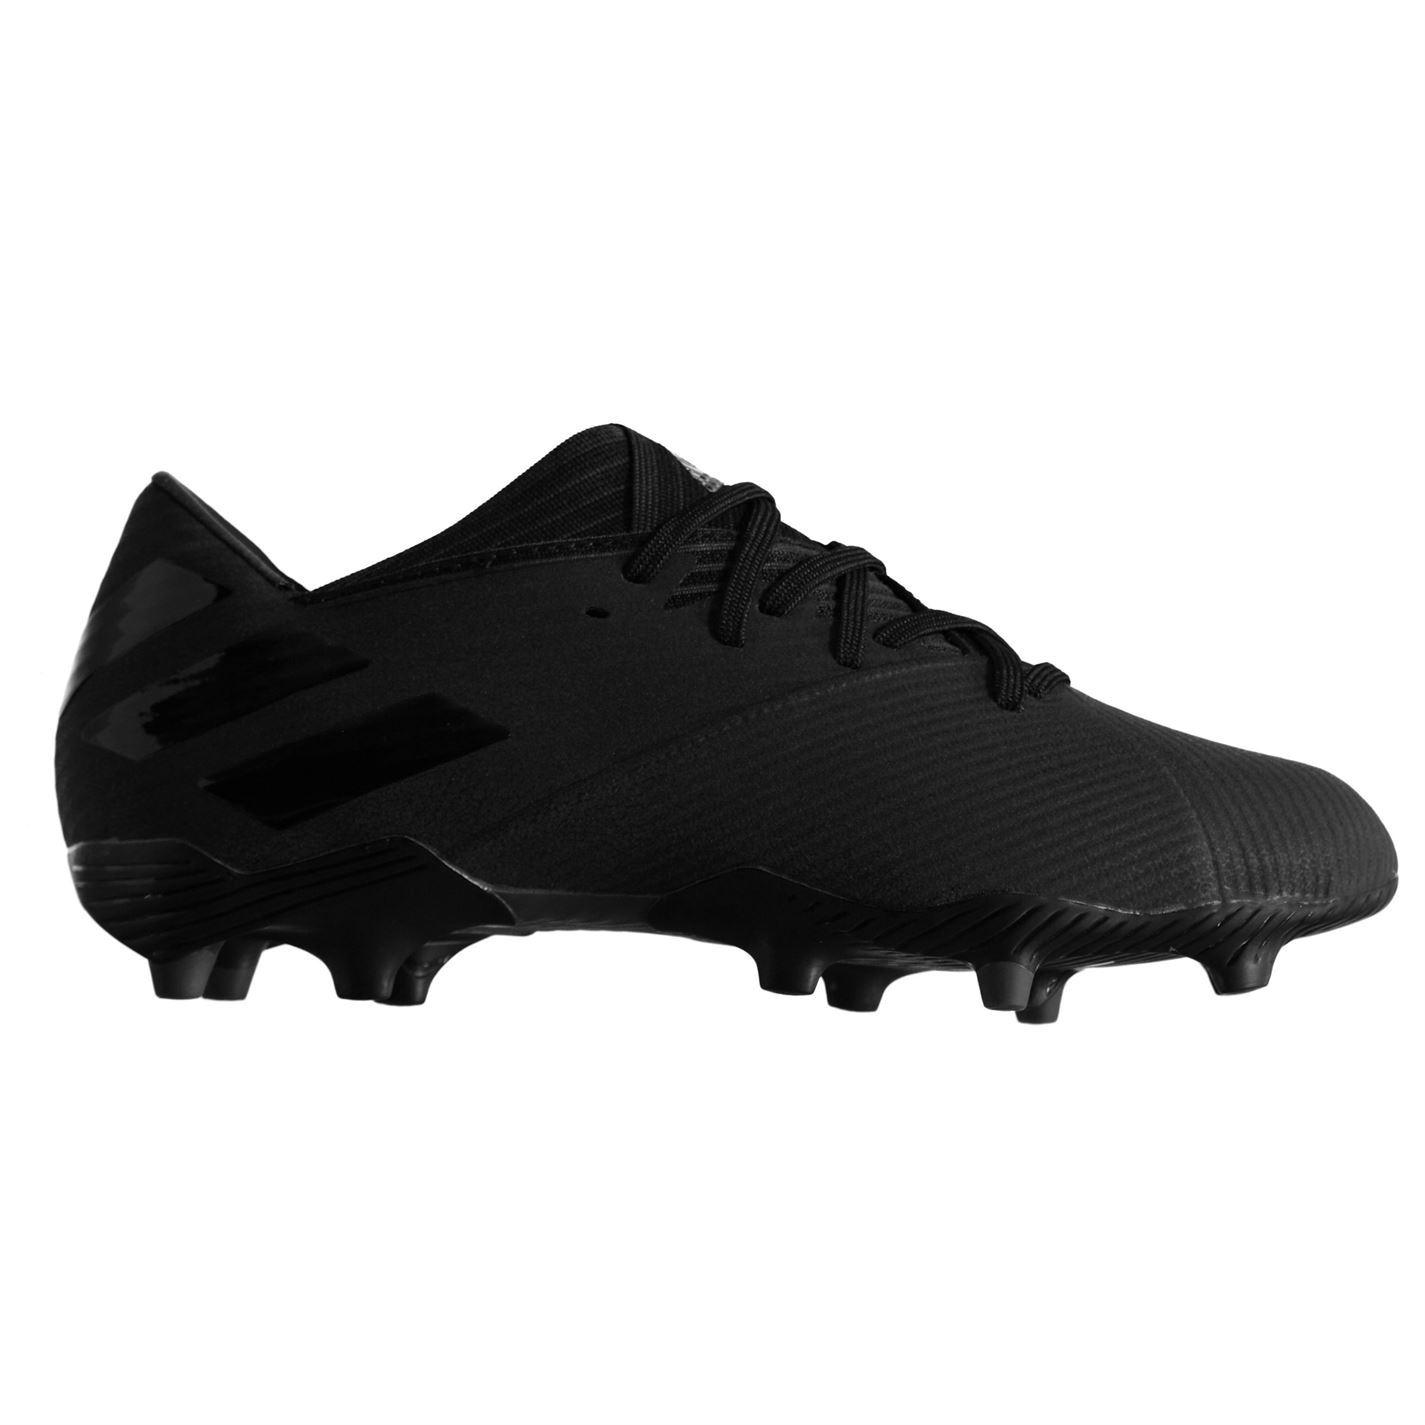 Adidas-nemeziz-19-2-Firm-Ground-FG-Chaussures-De-Football-Hommes-Soccer-Crampons-Chaussures miniature 7